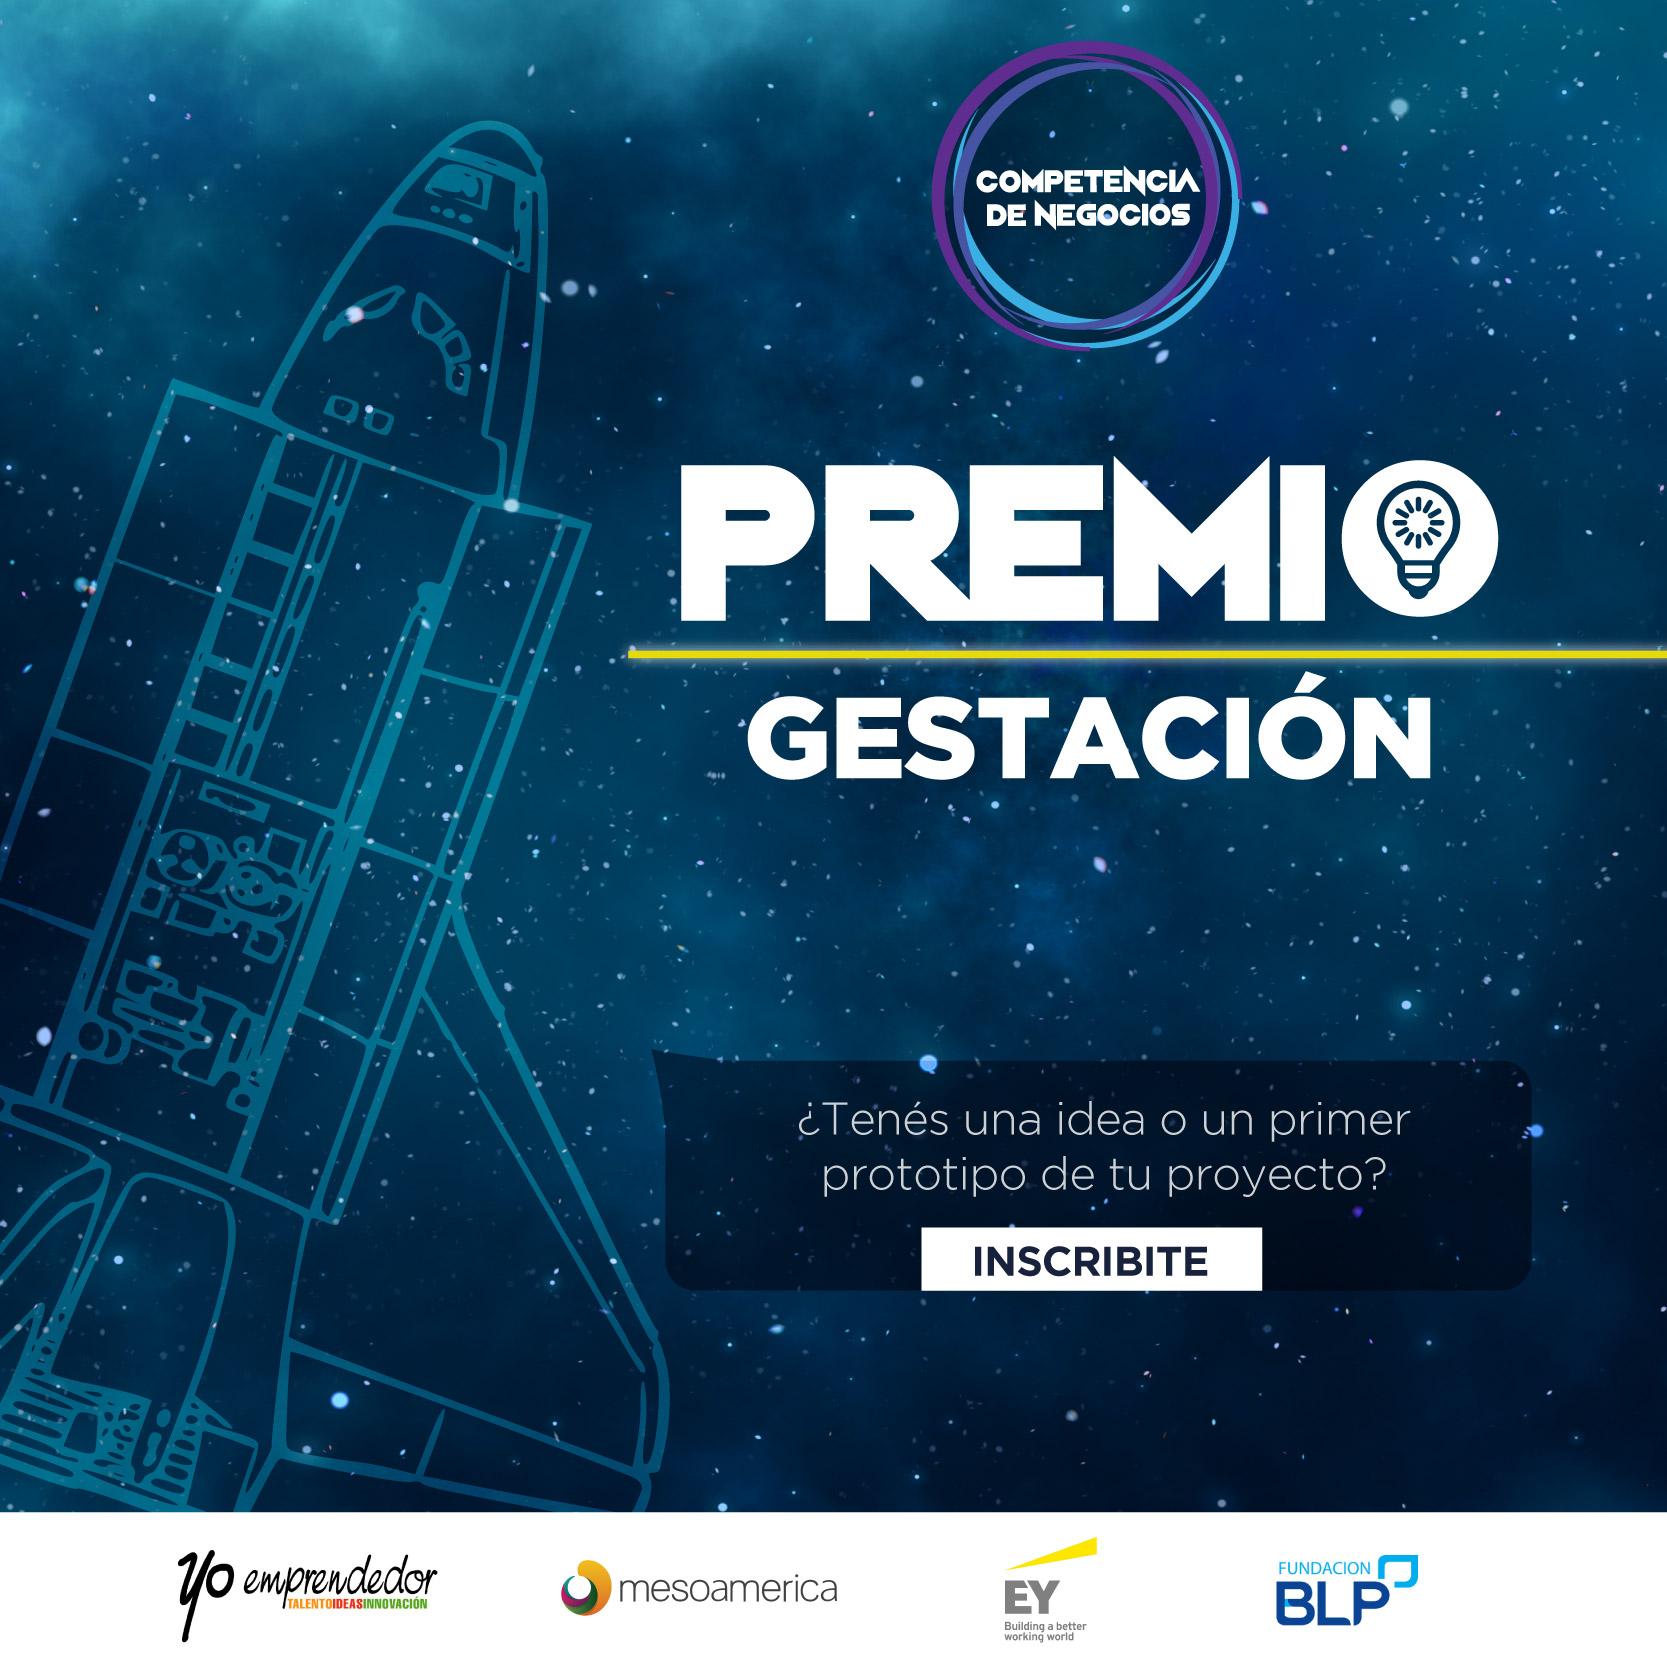 Pieza_Premios_2019-03.jpg